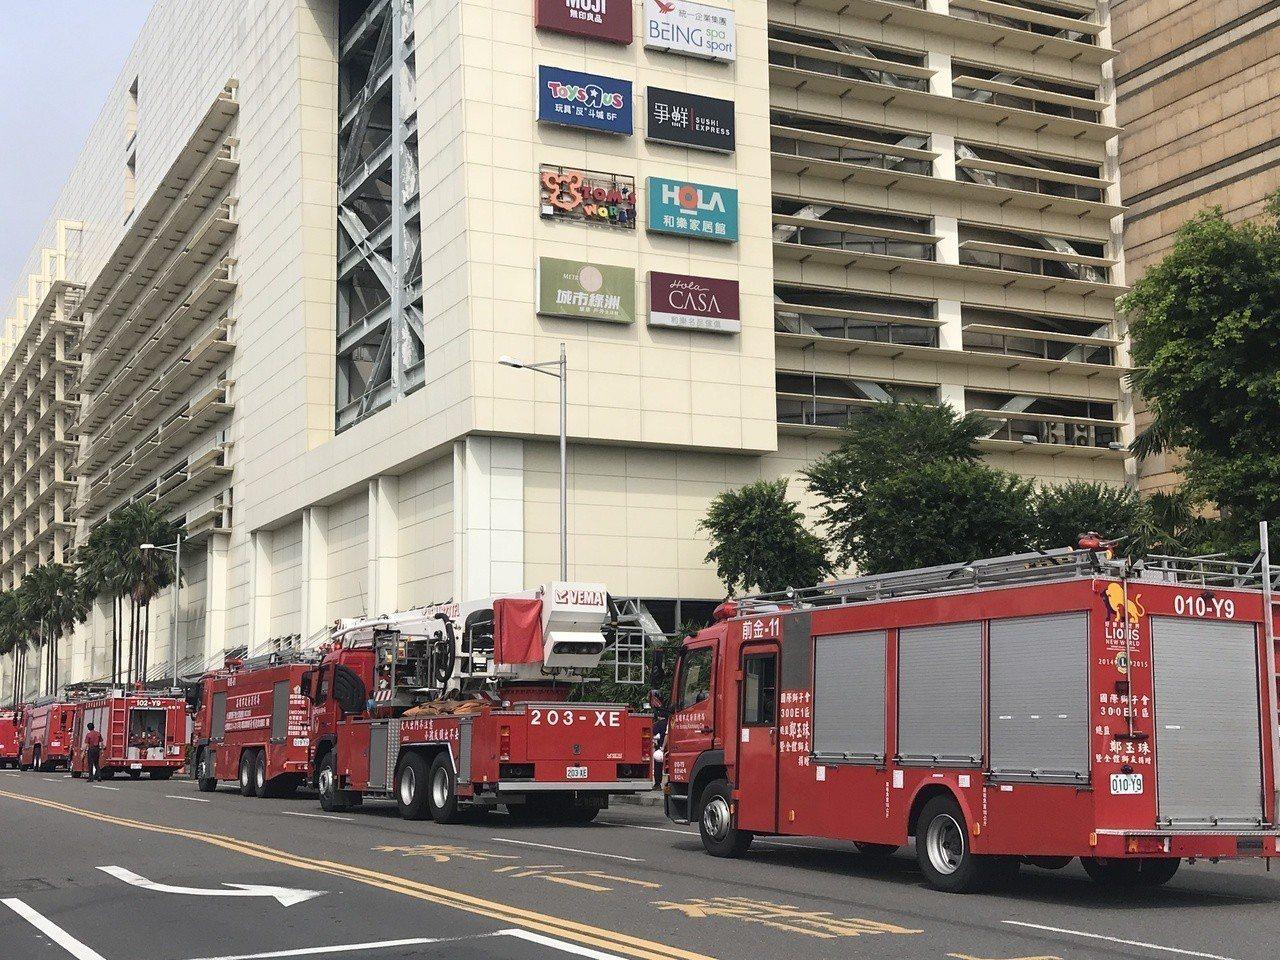 高市夢時代頂樓驚傳火警,竄出濃煙,消防人員出動人車趕抵現場,火勢已經撲滅。記者劉...